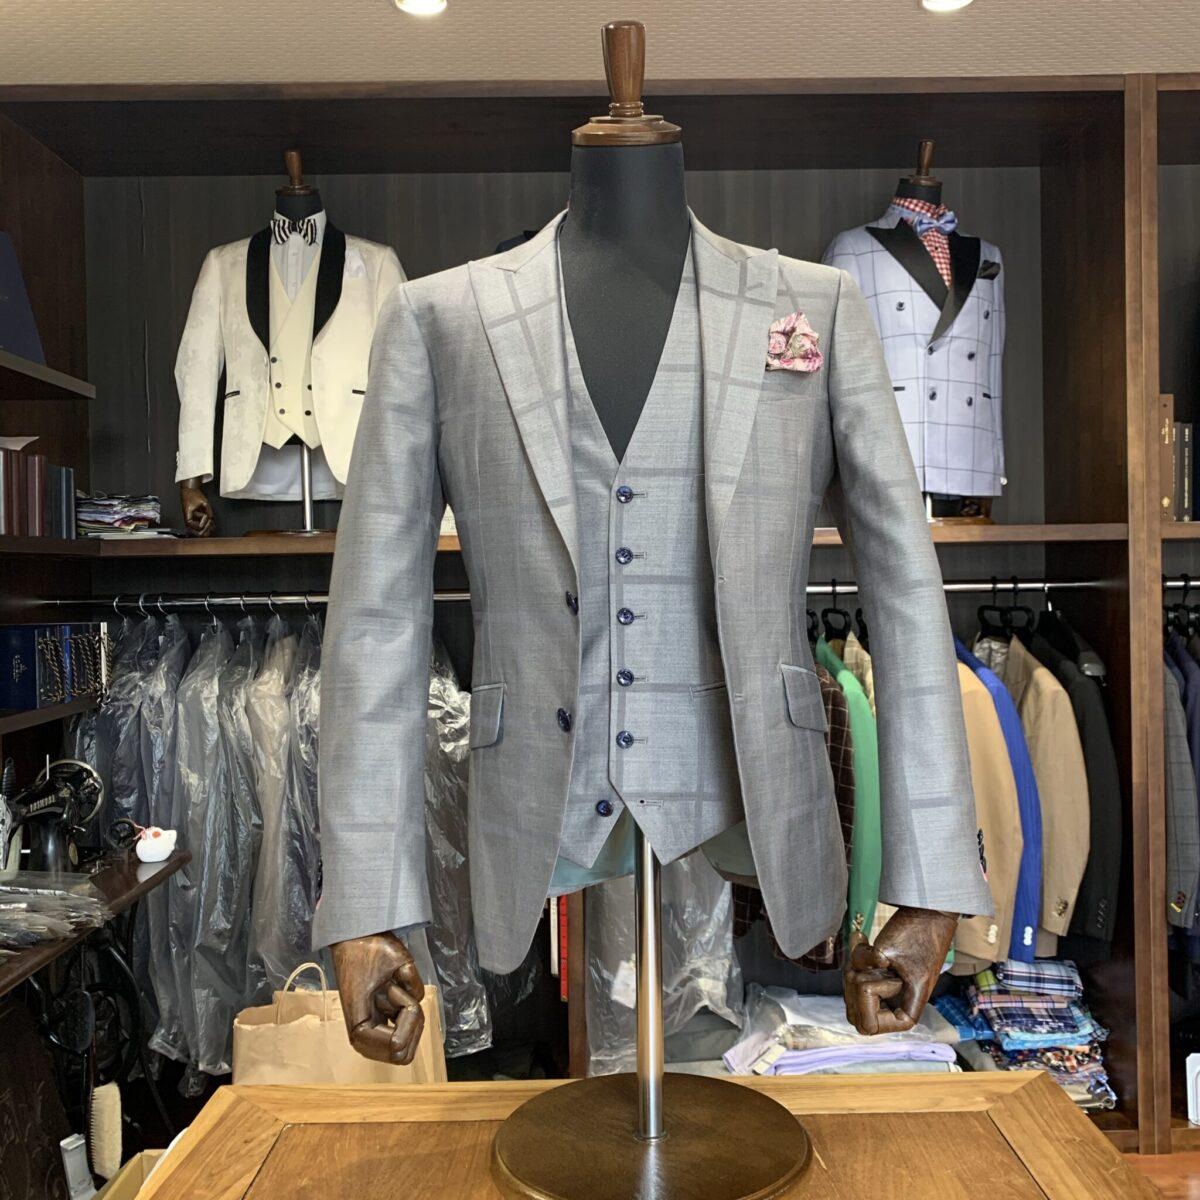 滋賀県大津市C様のオーダースーツを仕上げさせていただきました!